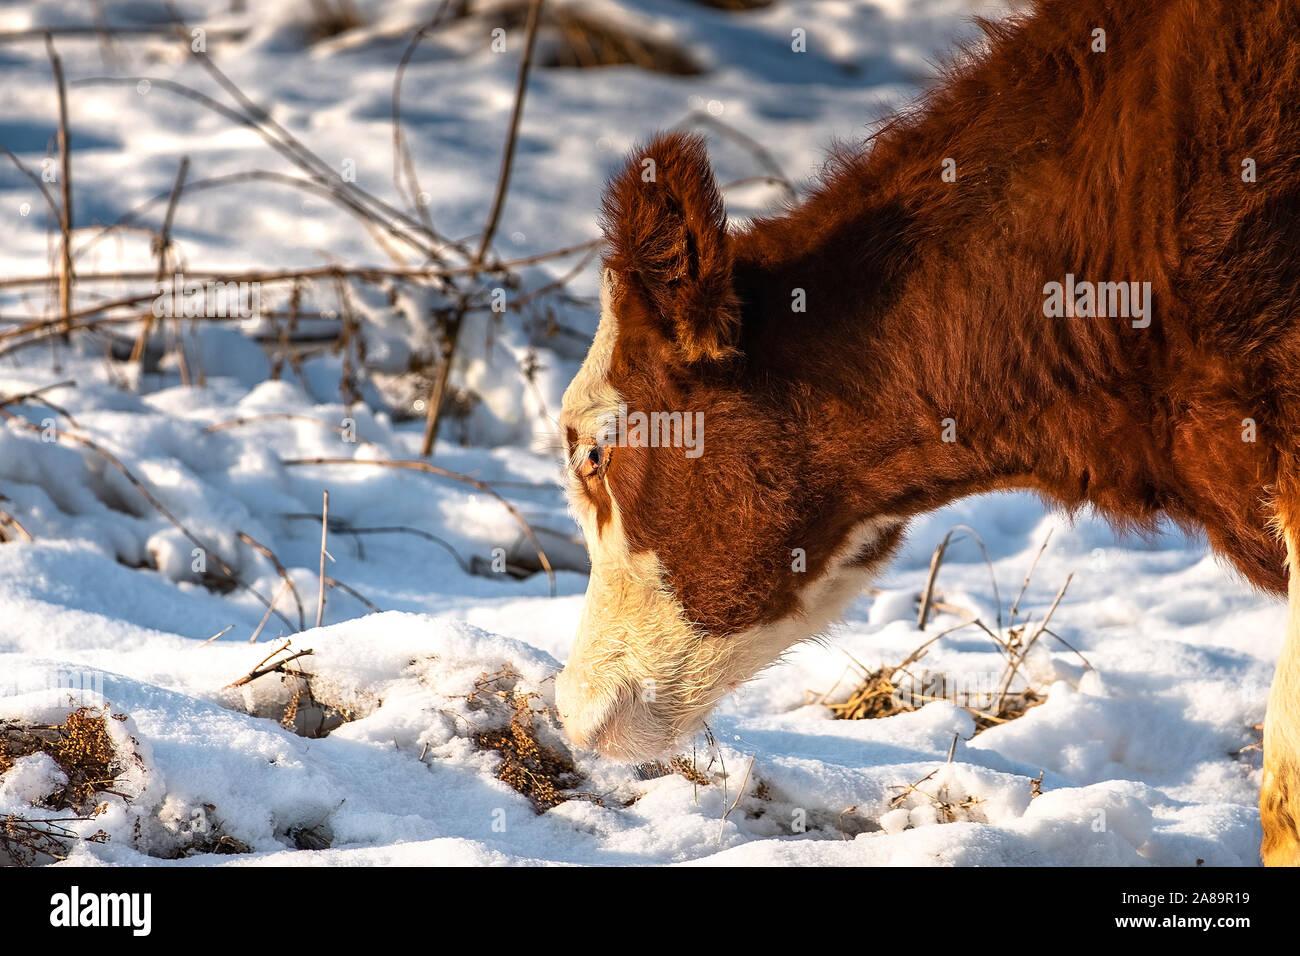 Los terneros pastan en un campo en invierno, buscando hierba bajo la nieve Foto de stock